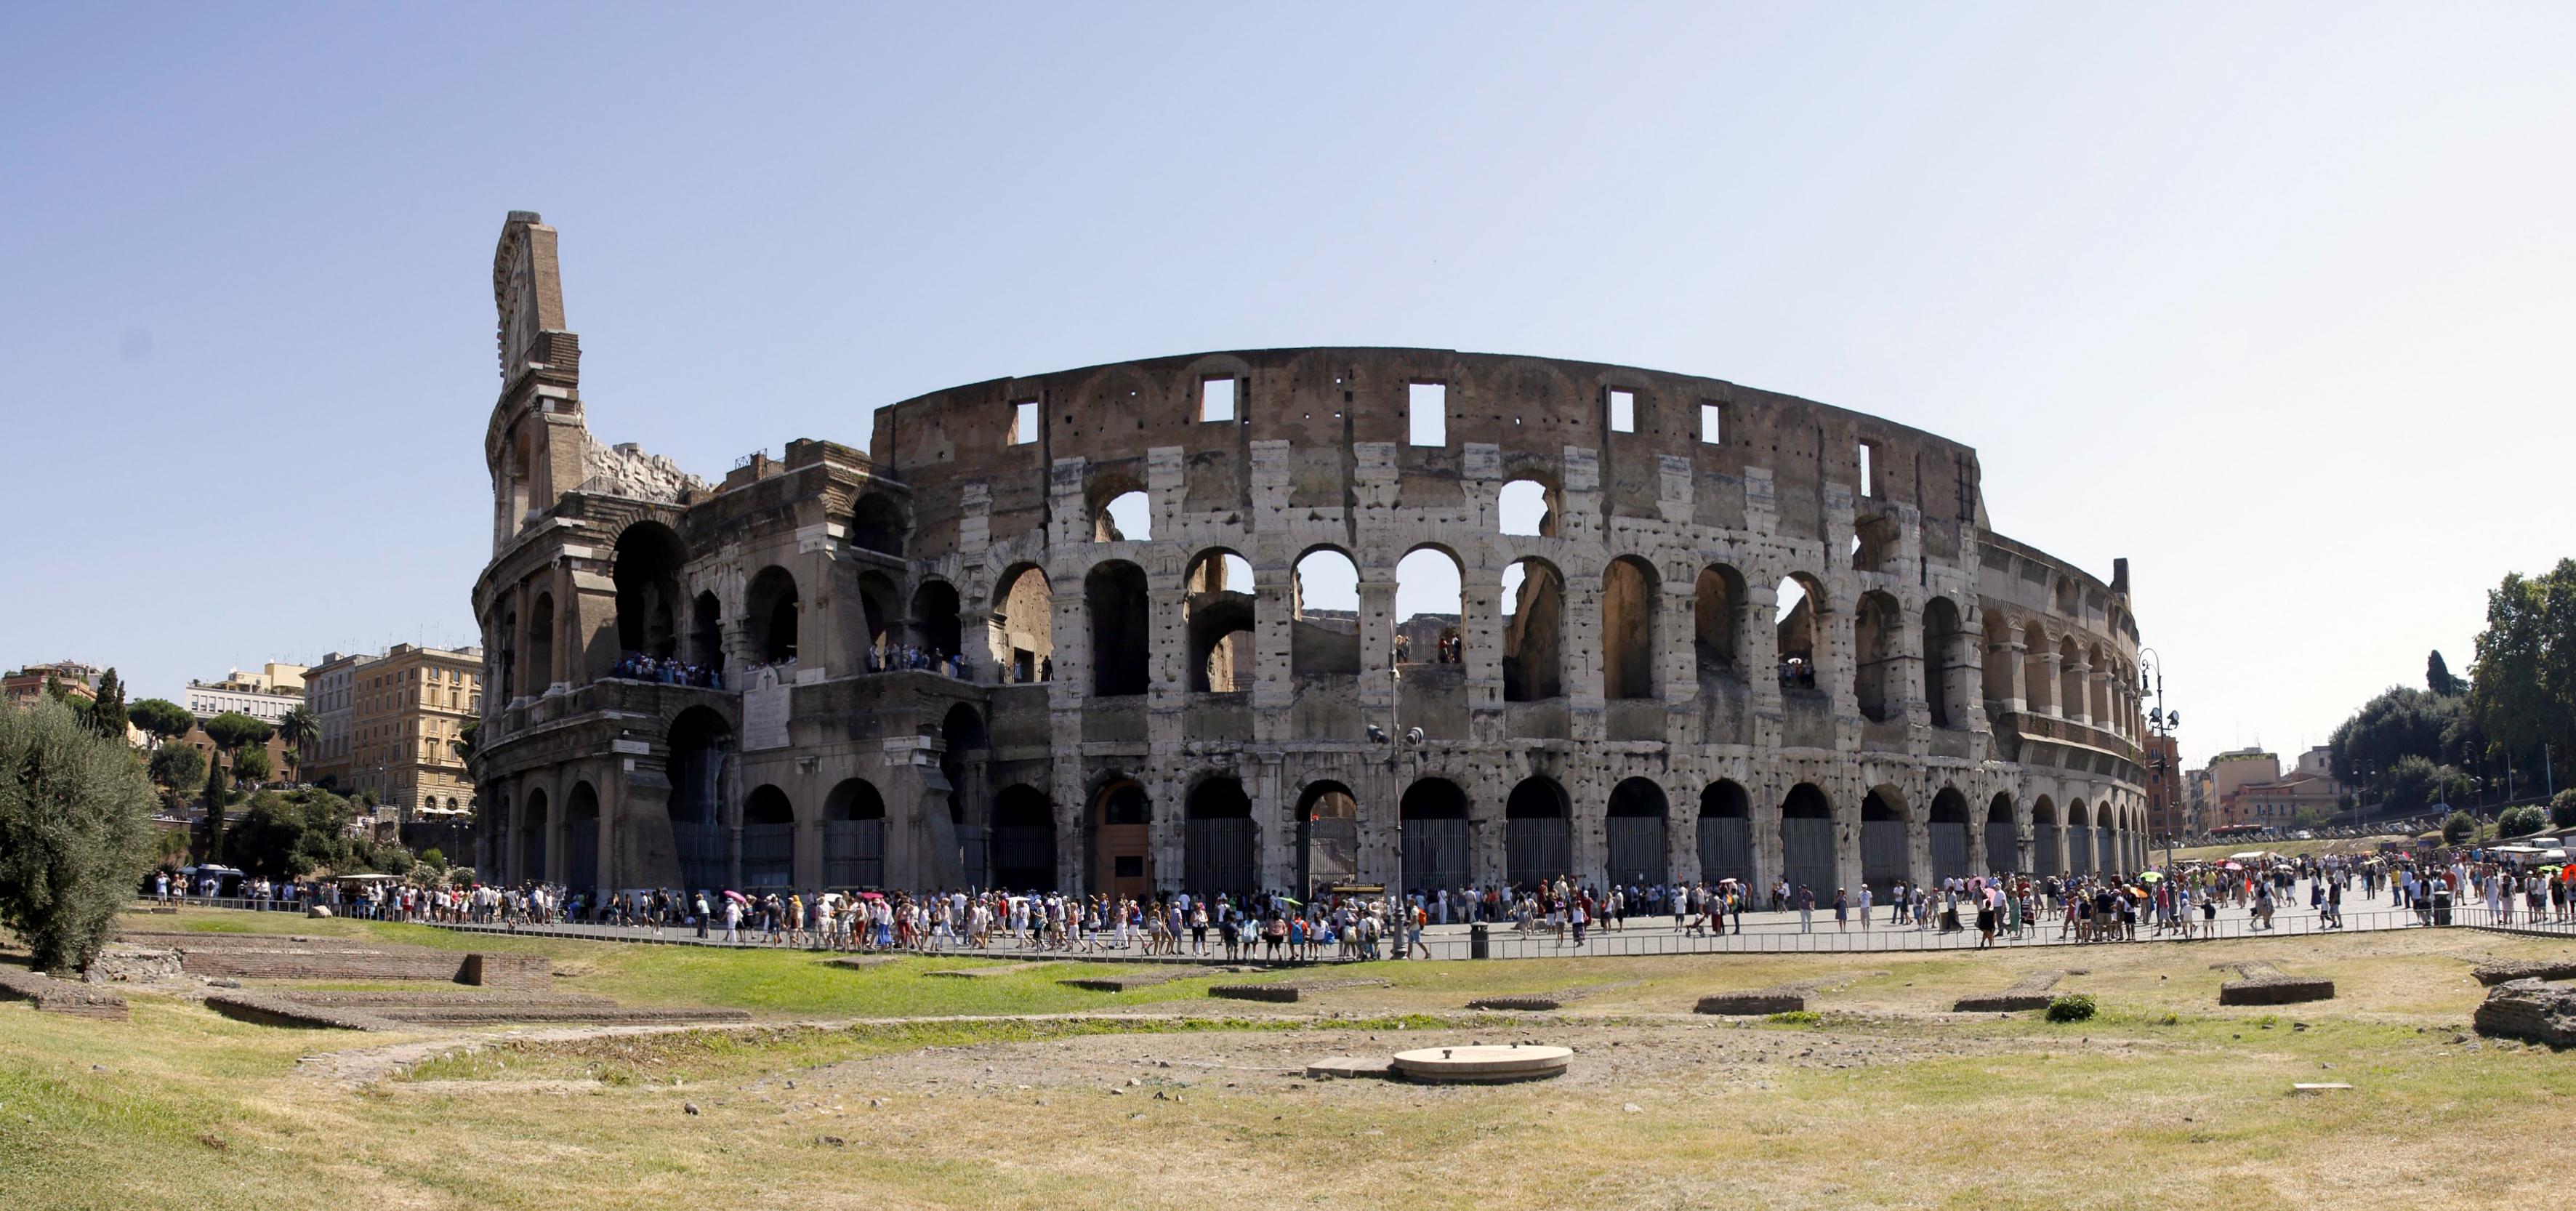 Det er ikke alltid man trenger så mange eksponeringer. Bildet over består av fire bilder tatt med kameraet på høykant. På denne måten fikk jeg avbildet hele Colosseum uten å måtte bruke vidvinkeloptikk eller flytte meg lenger unna.